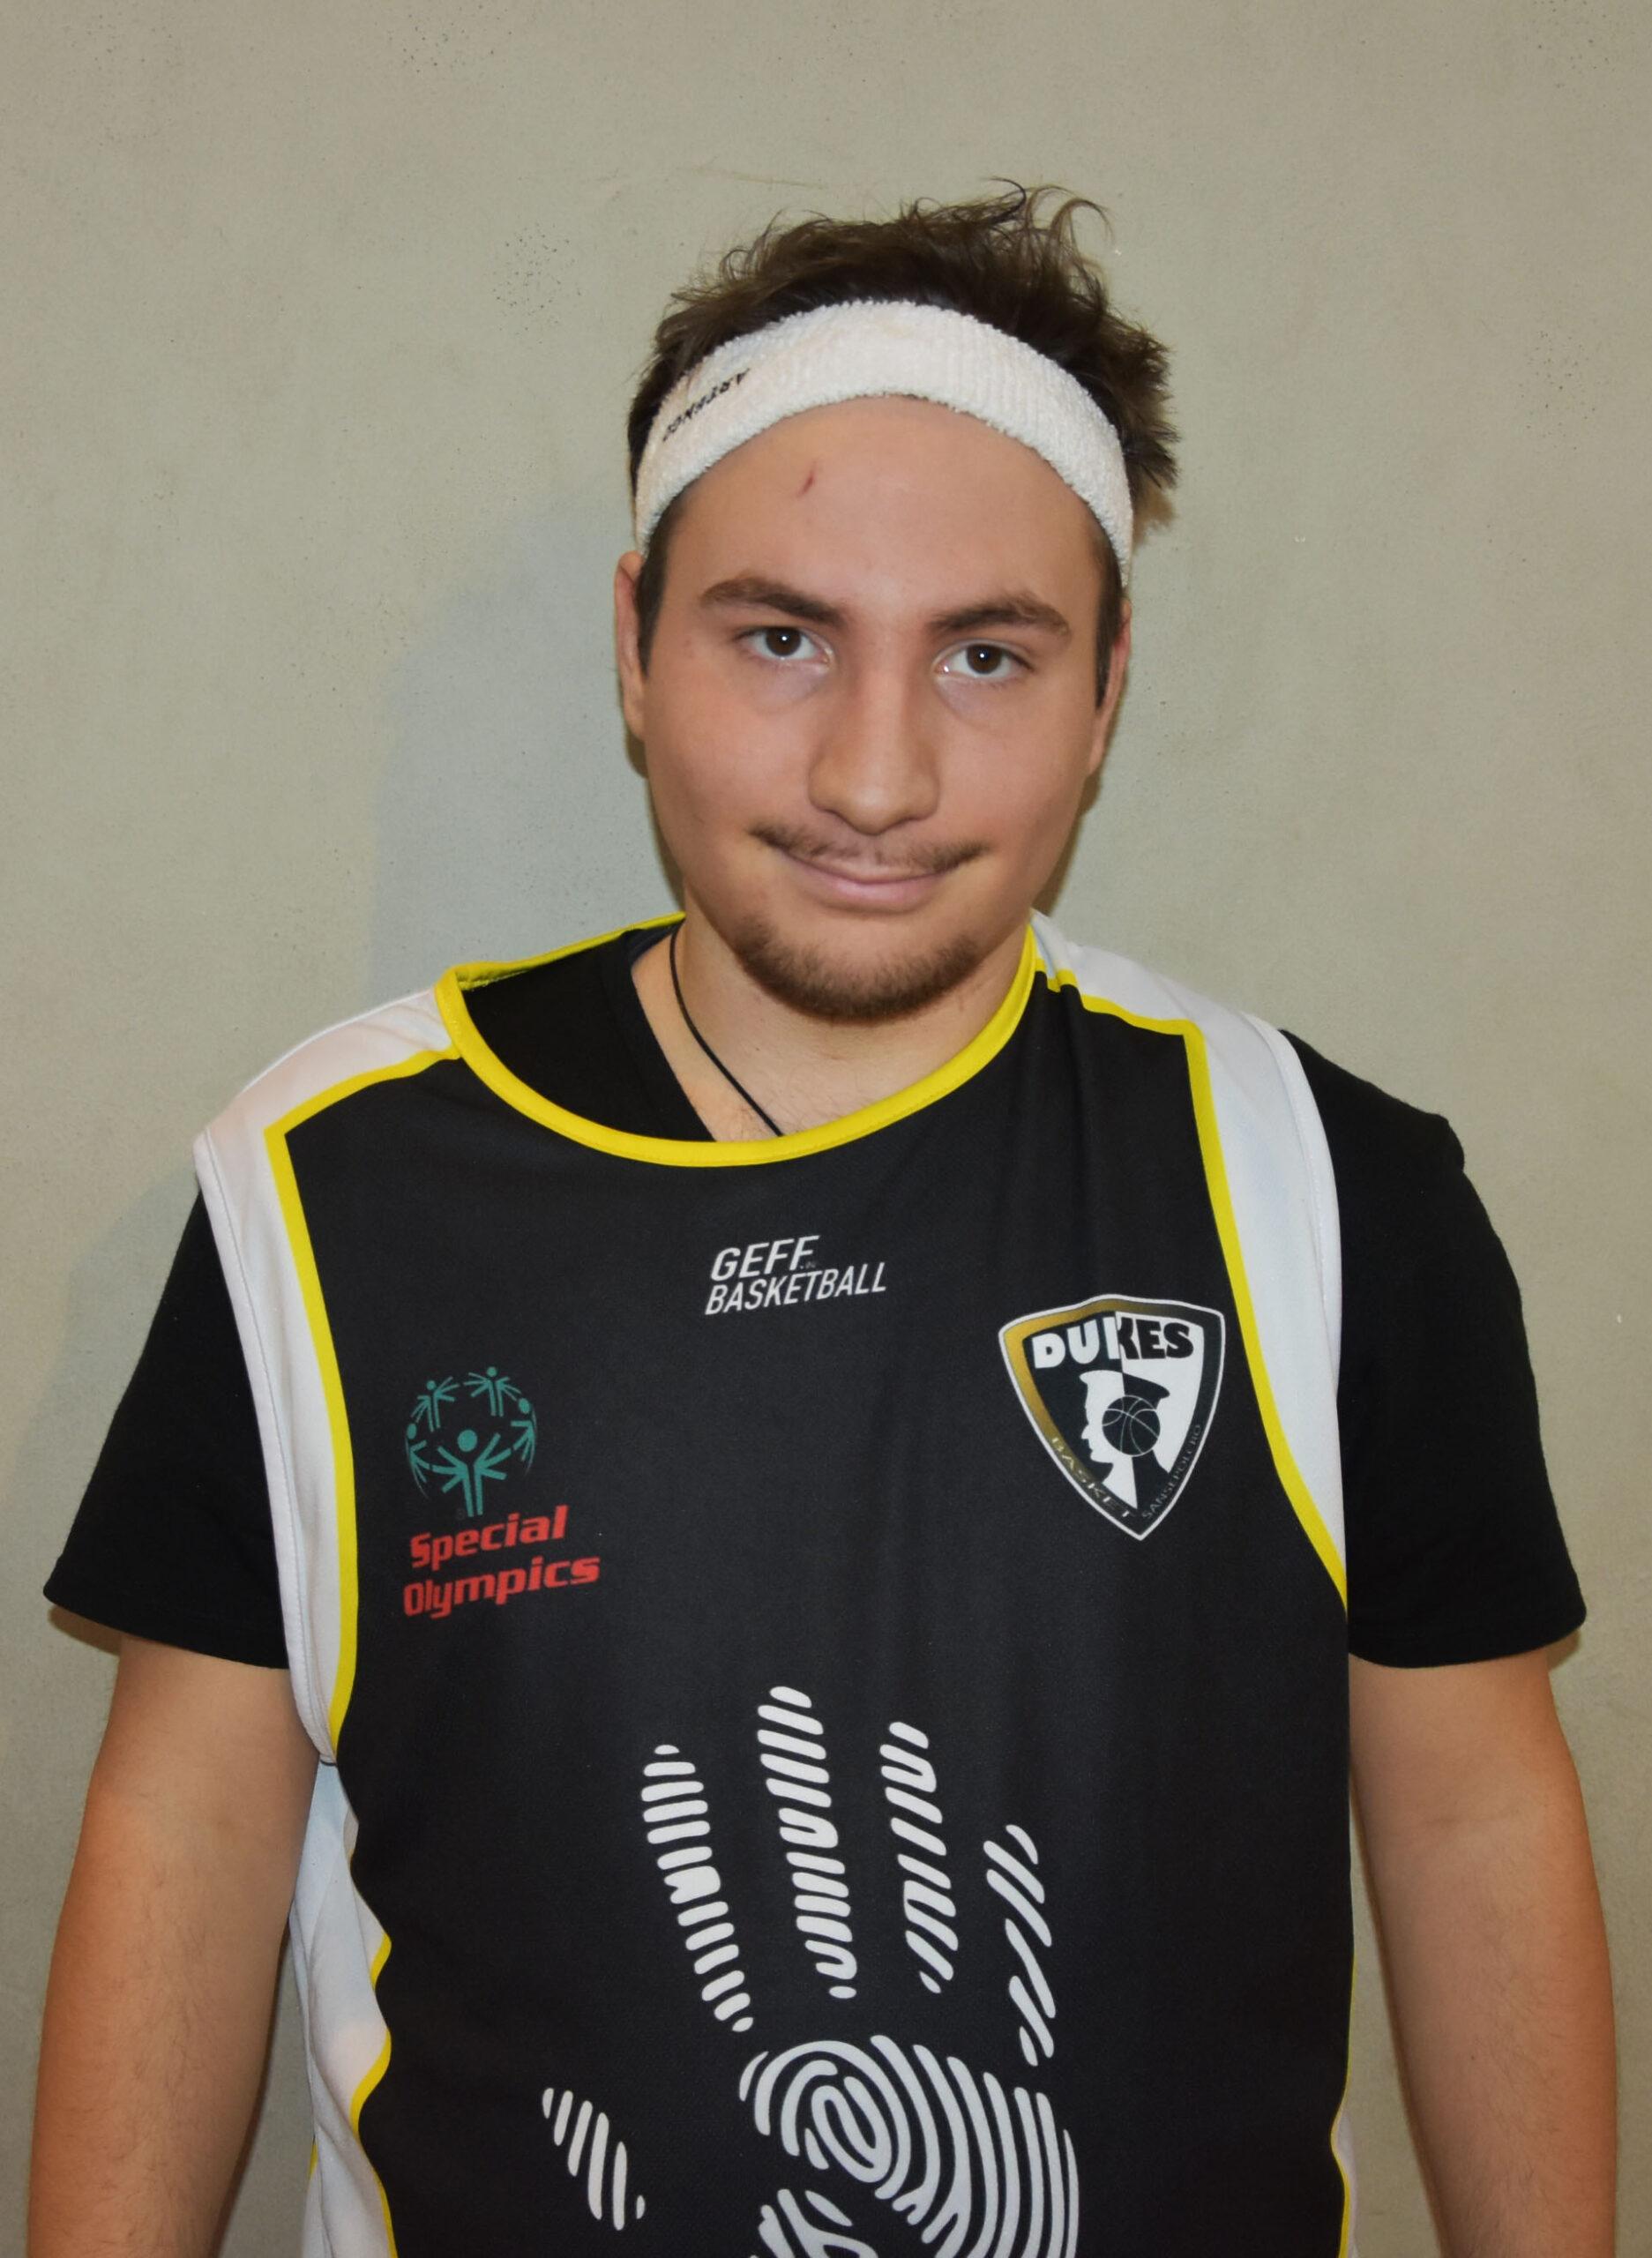 Alessandro Poggini